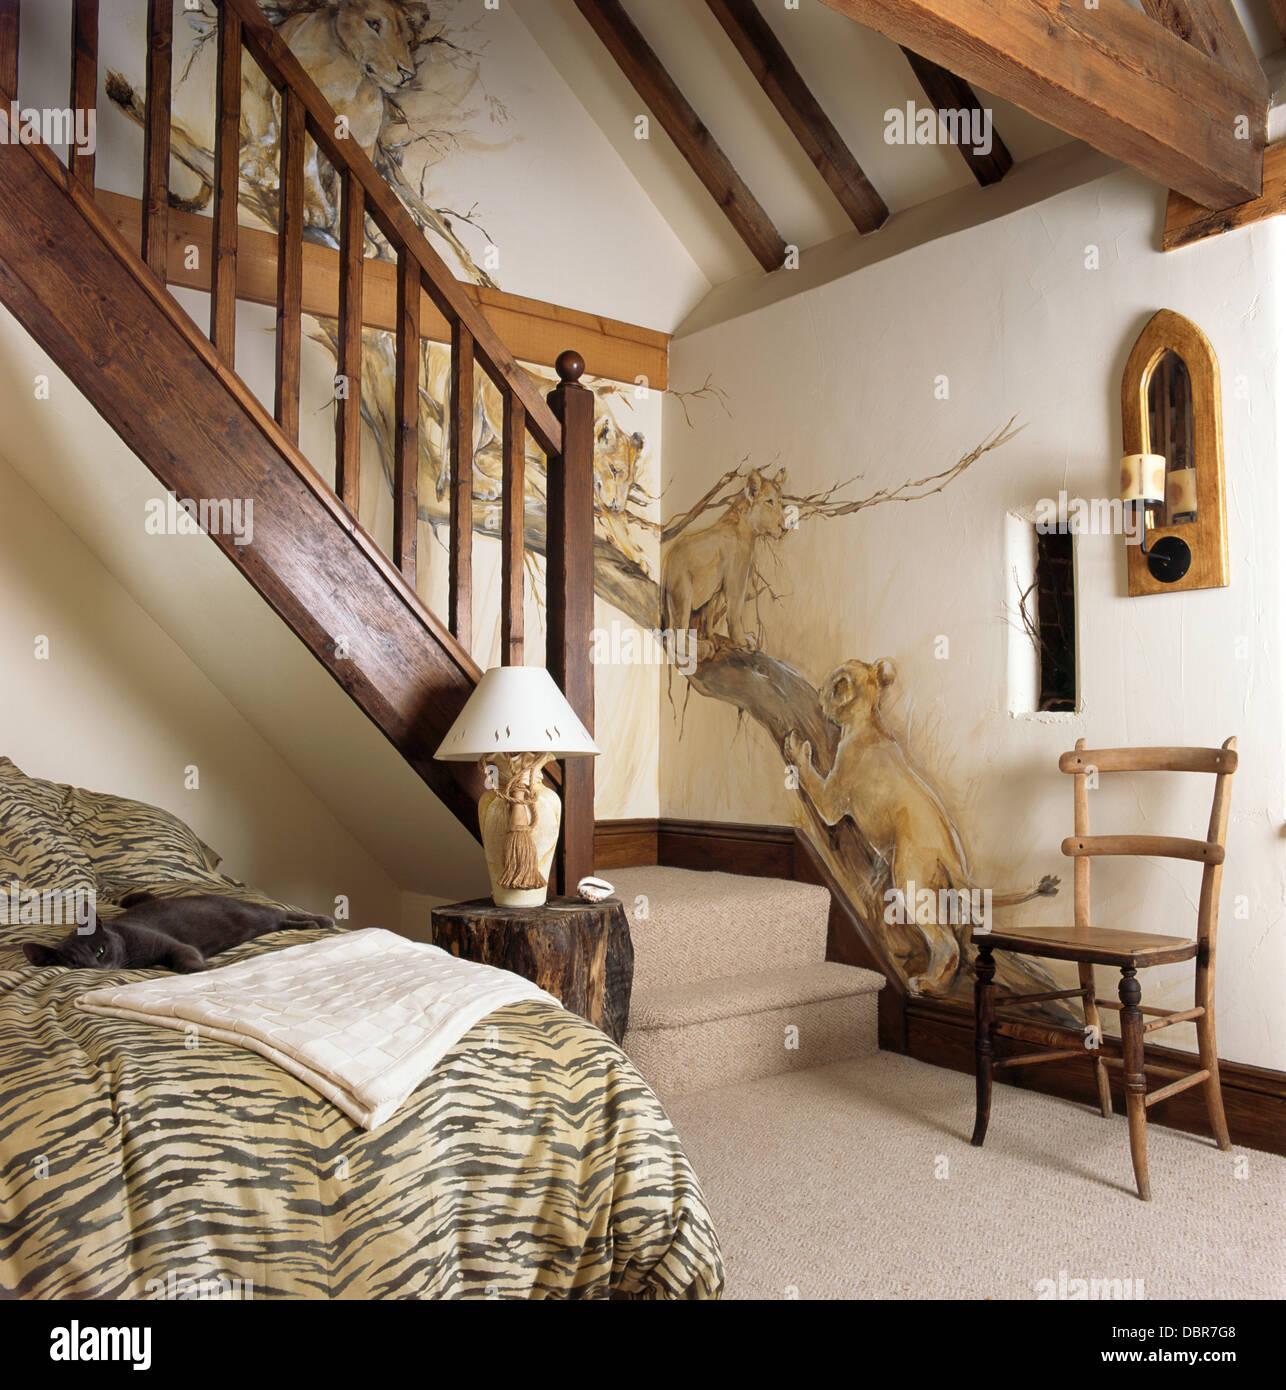 Murale di leoni dipinta sulla parete sopra le scale in legno nella ...